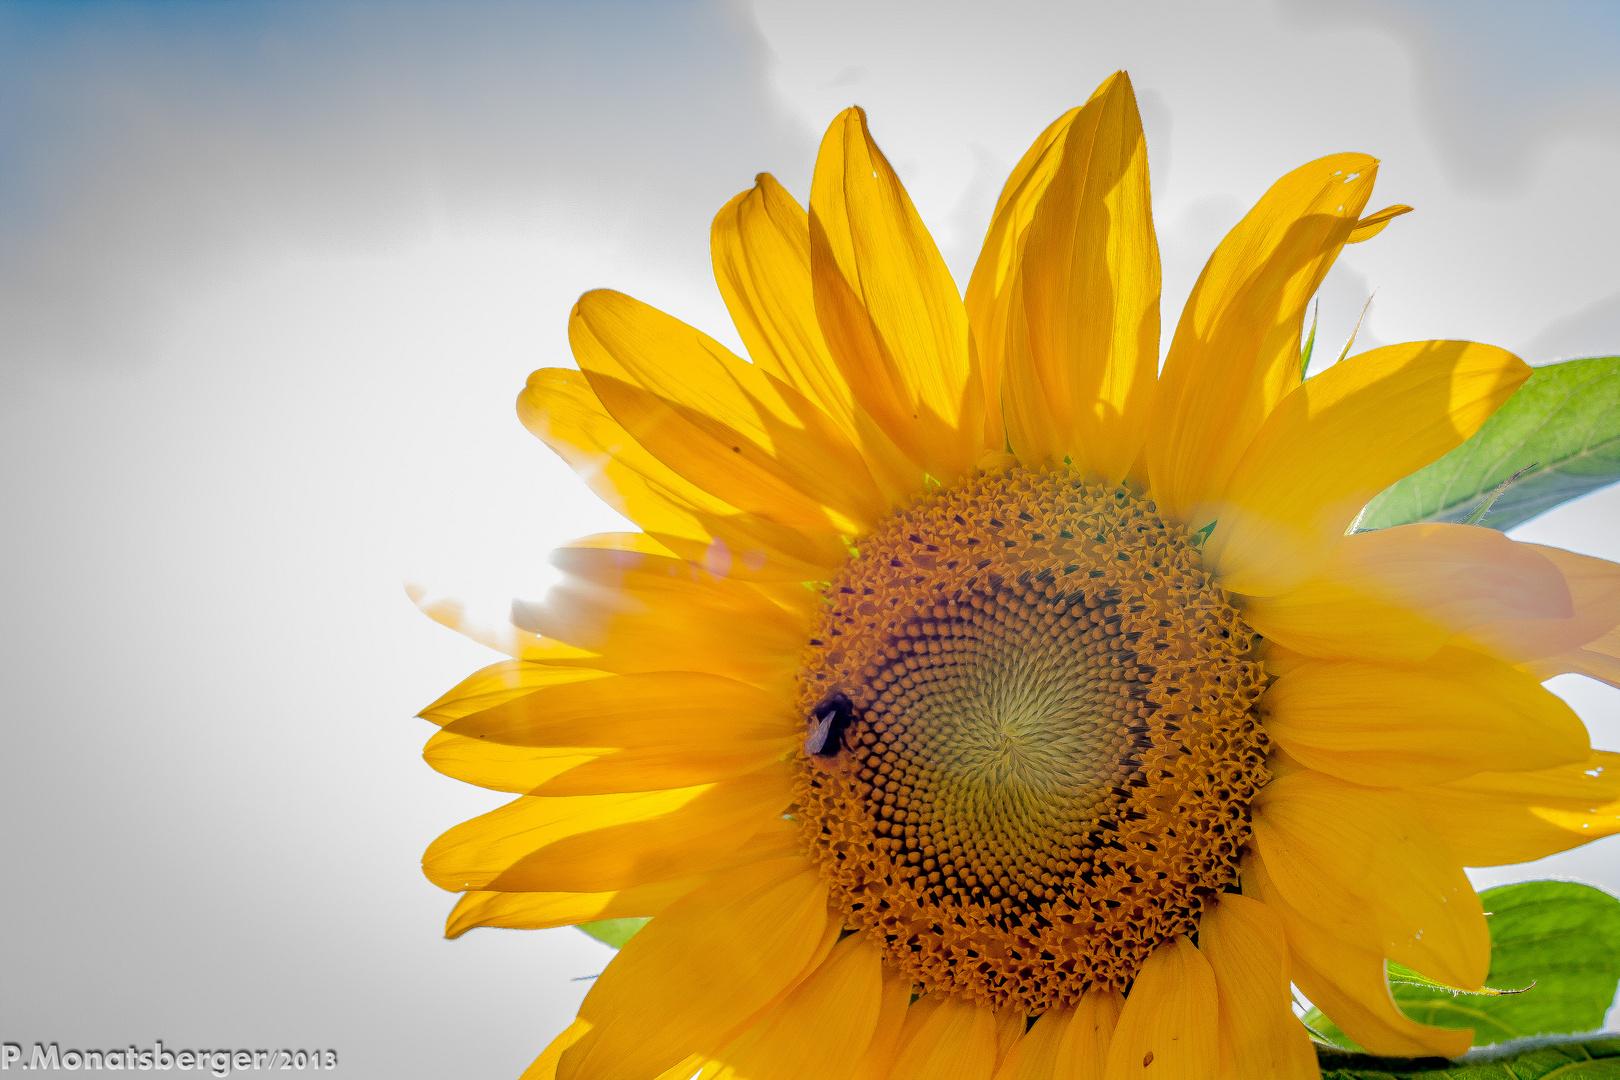 Sonnenblume in the sun